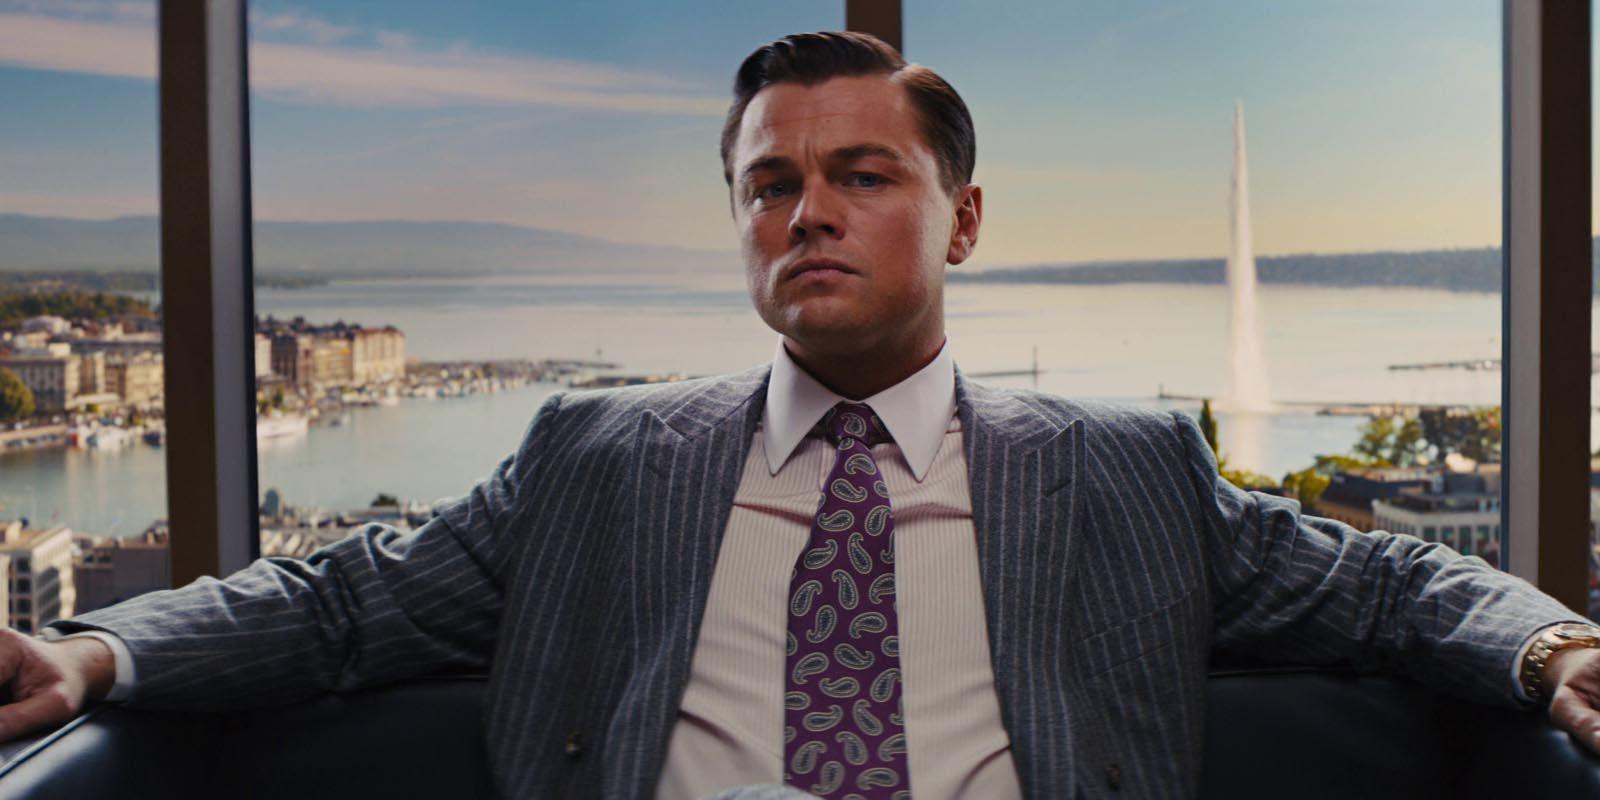 Waarom je niet met een rijk iemand moet daten als je een arme sloeber bent